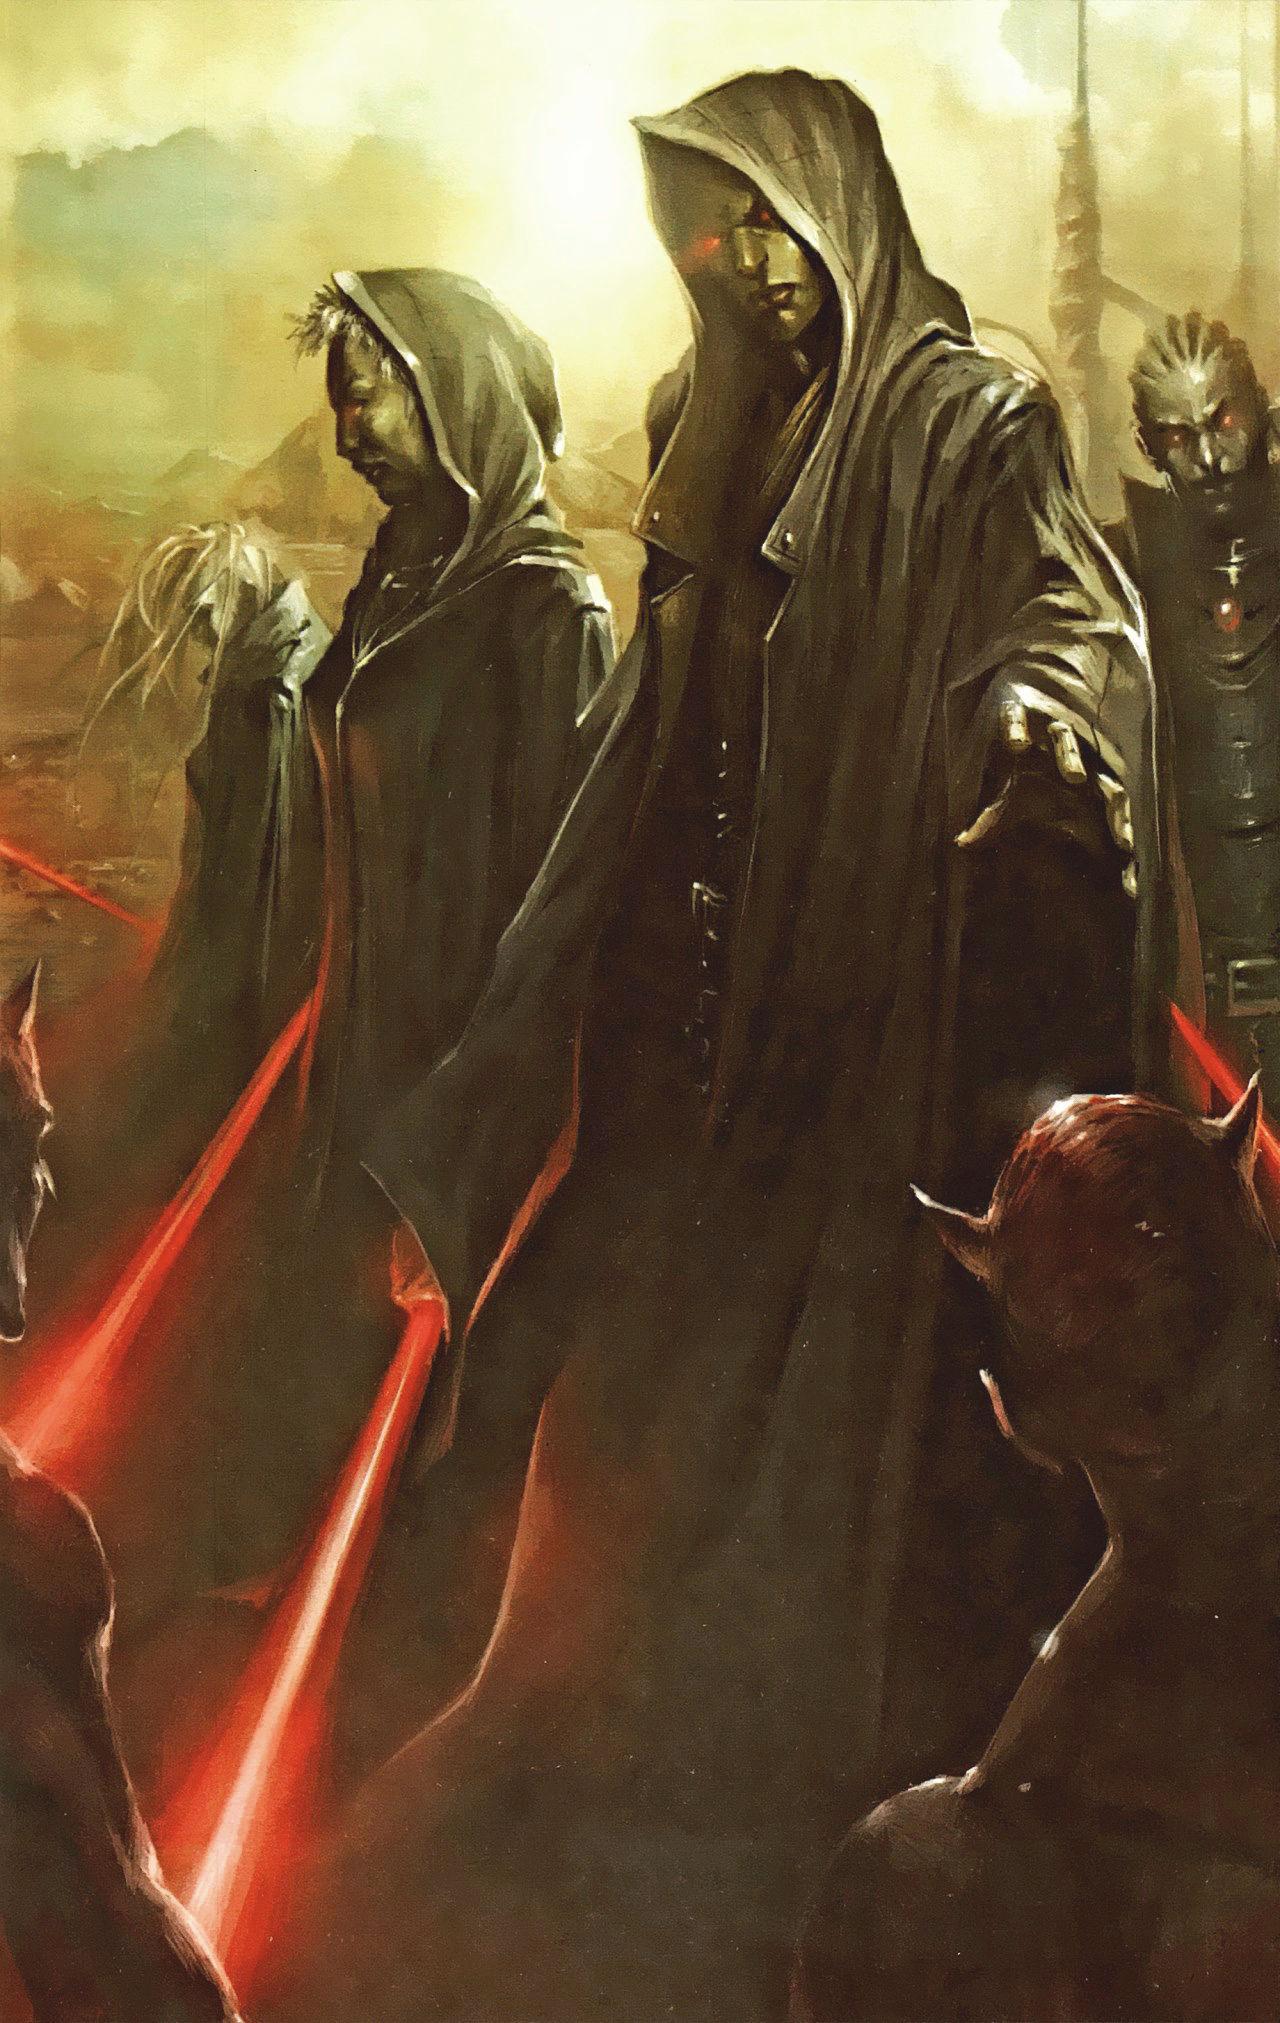 ¿Cuando surgen los Sith como usuarios del lado oscuro por primera vez?